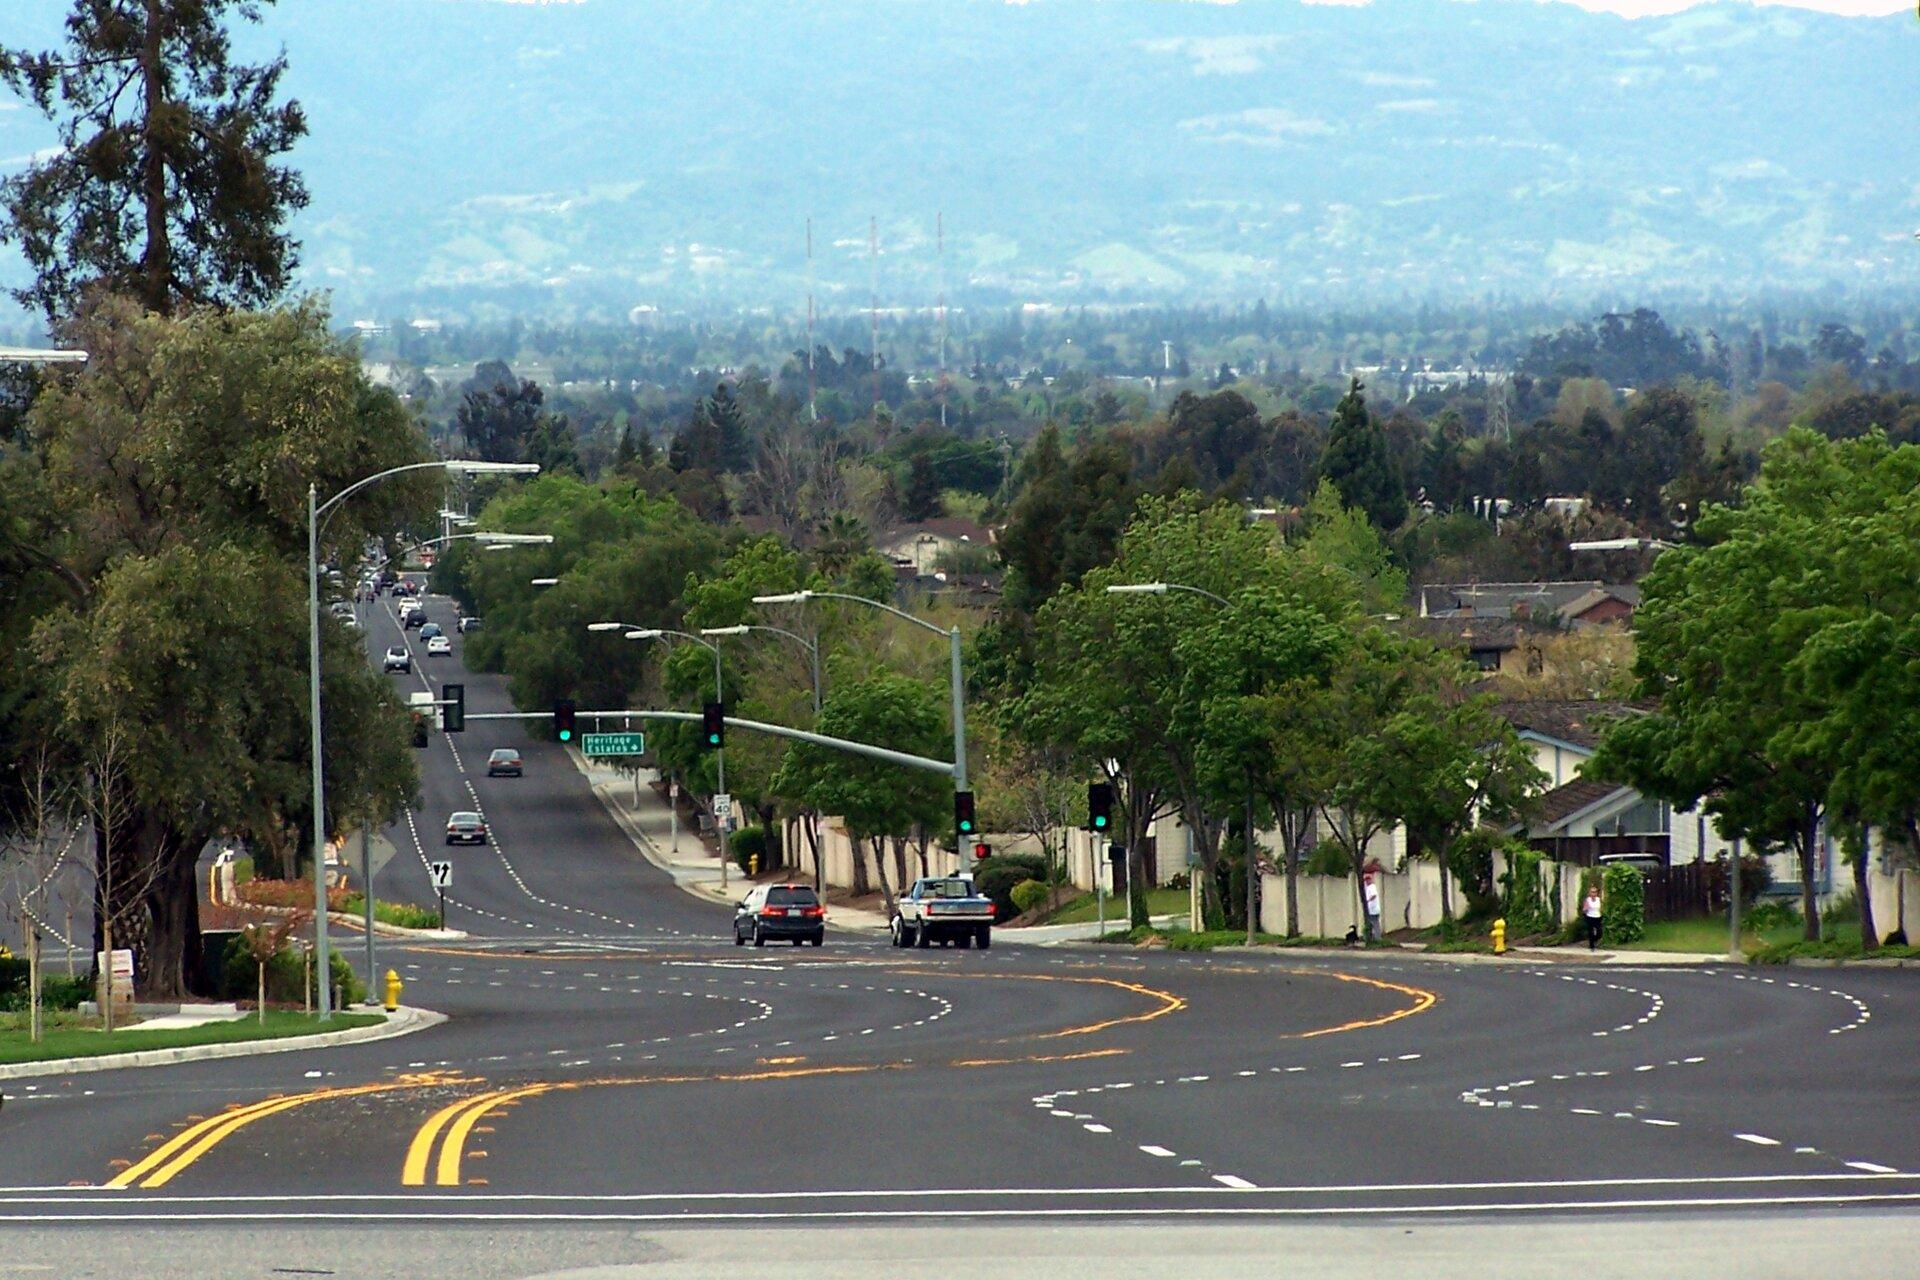 Na zdjęciu ulica wmieście, widok na rozległą dolinę porośniętą drzewami.